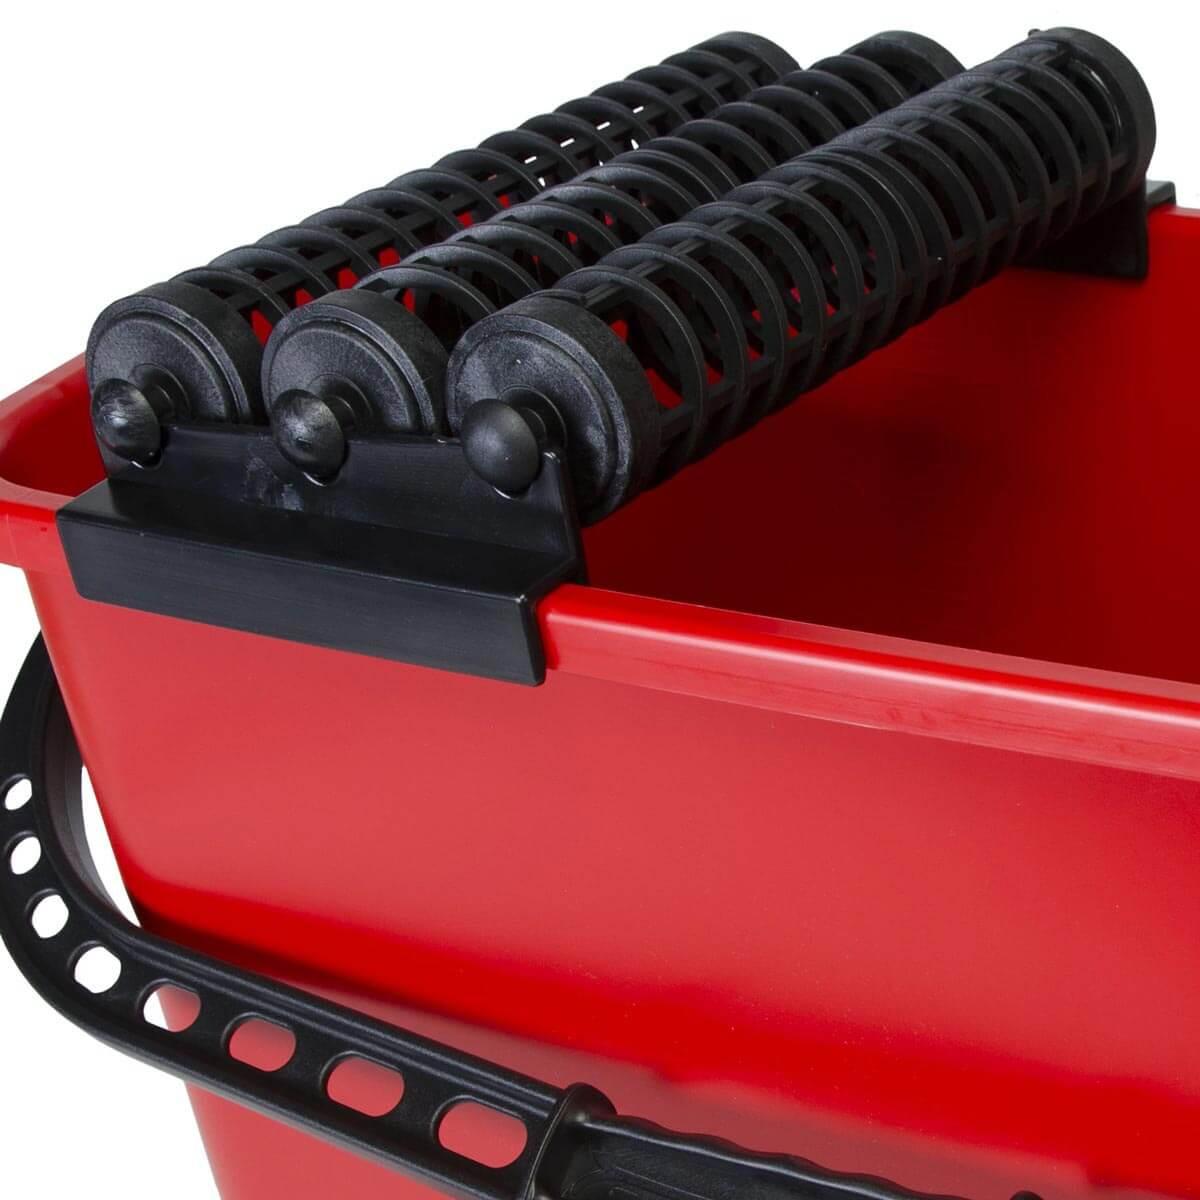 Rubiclean Wash Bucket rollers